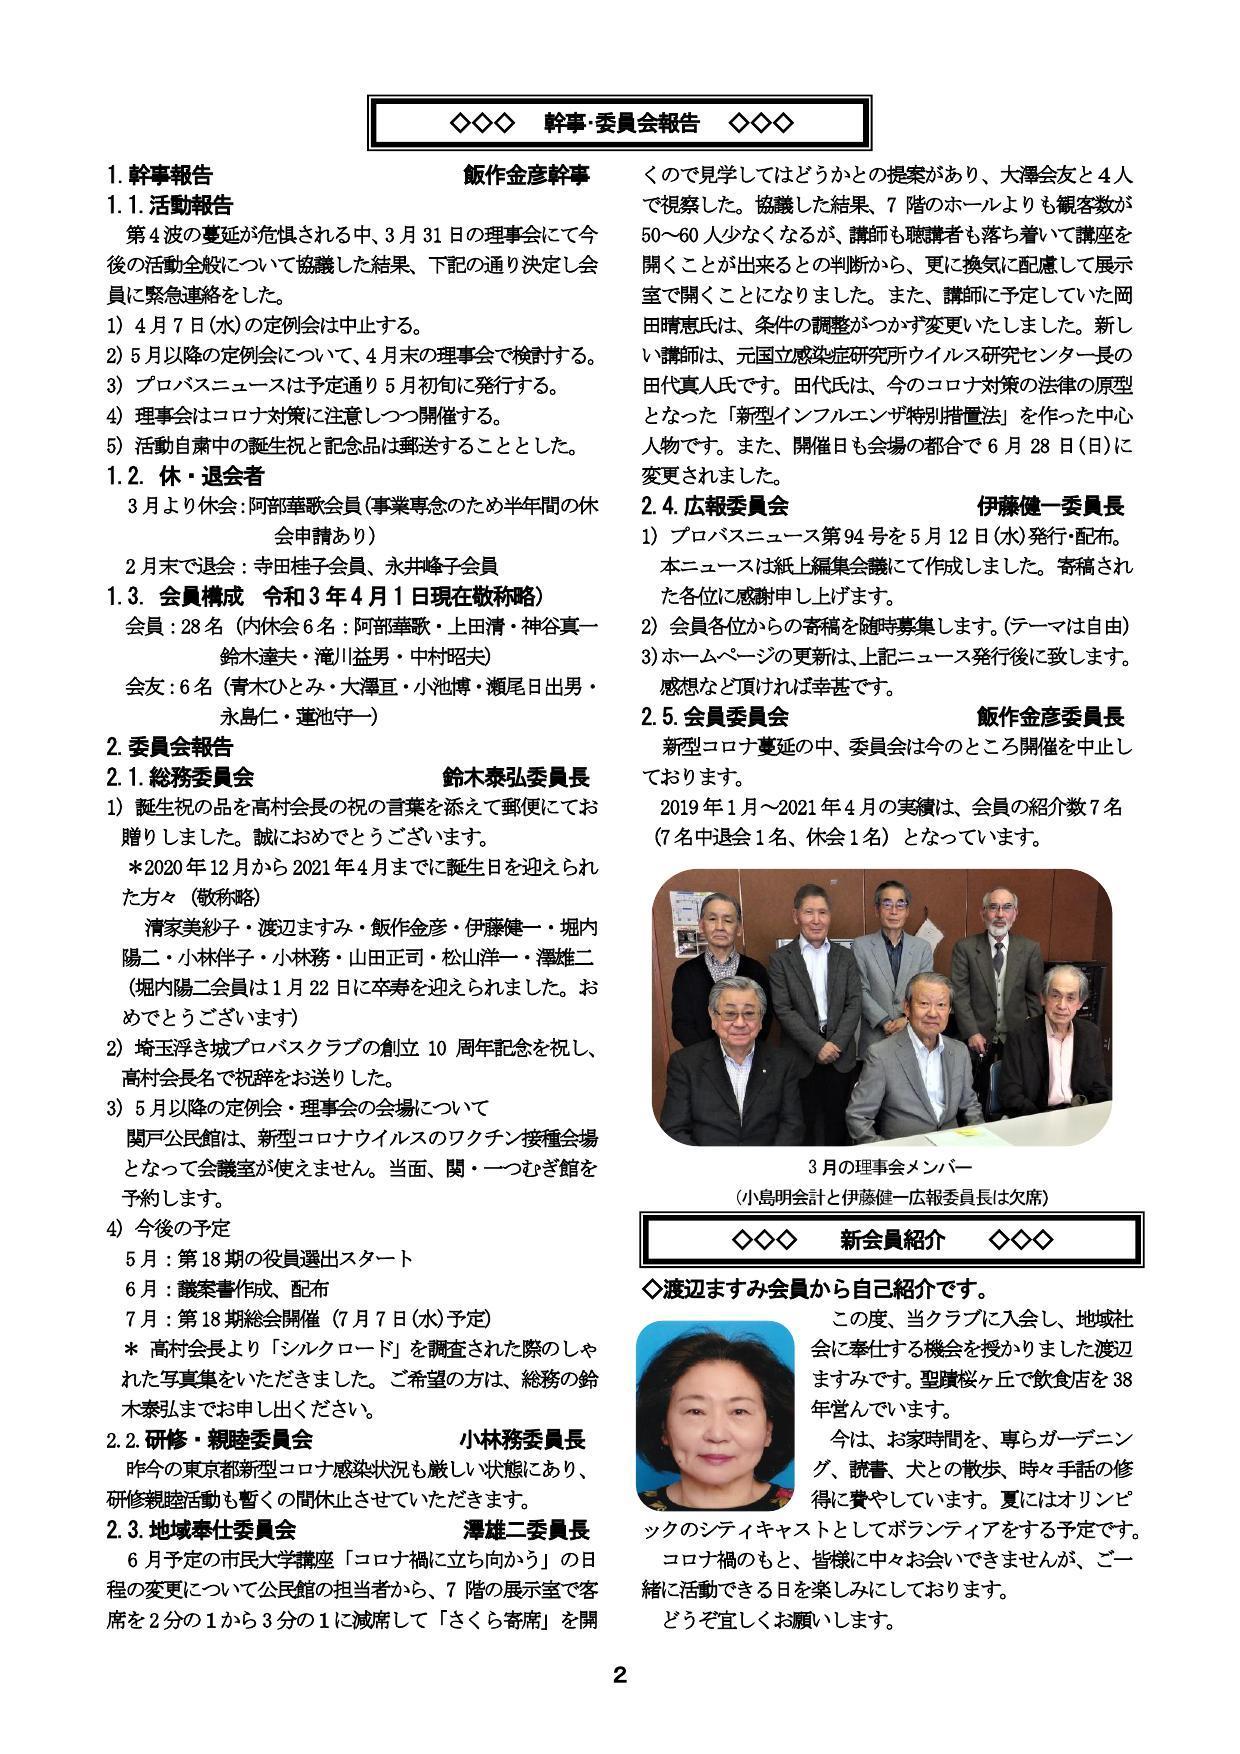 東京多摩プロバスニュース 第94号 2021年5月12日_b0000714_14211904.jpg